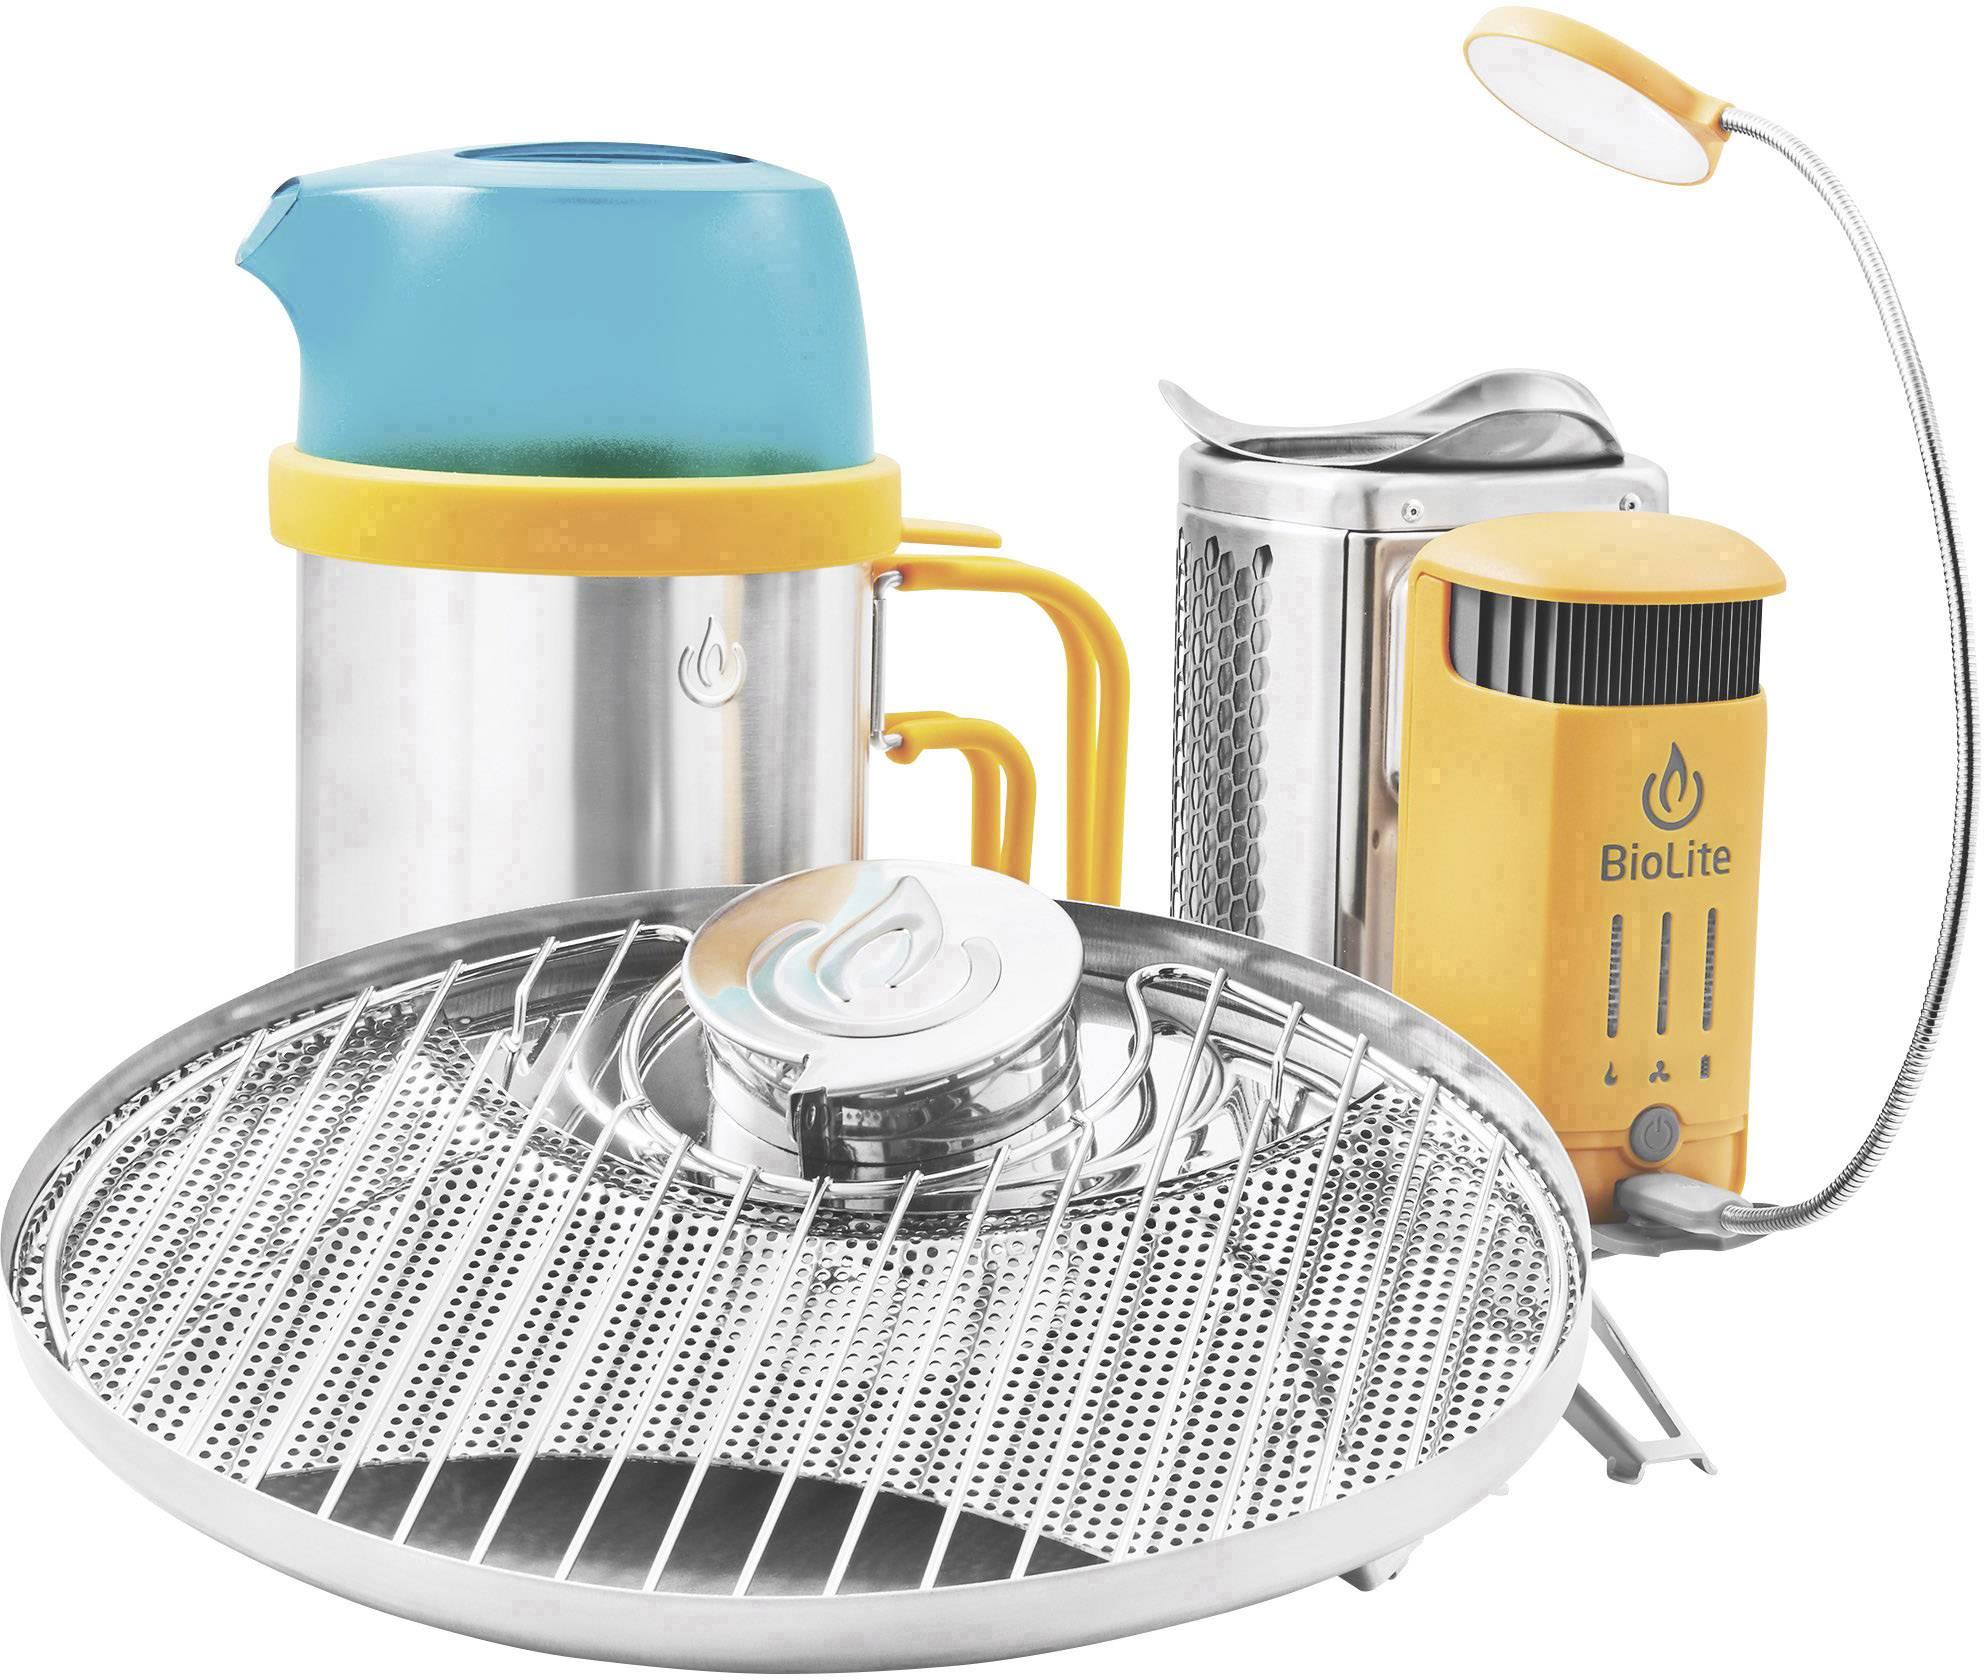 Kempingový vařič BioLite CampStove 2 Bundle 006-6001122, nerezová ocel, plast